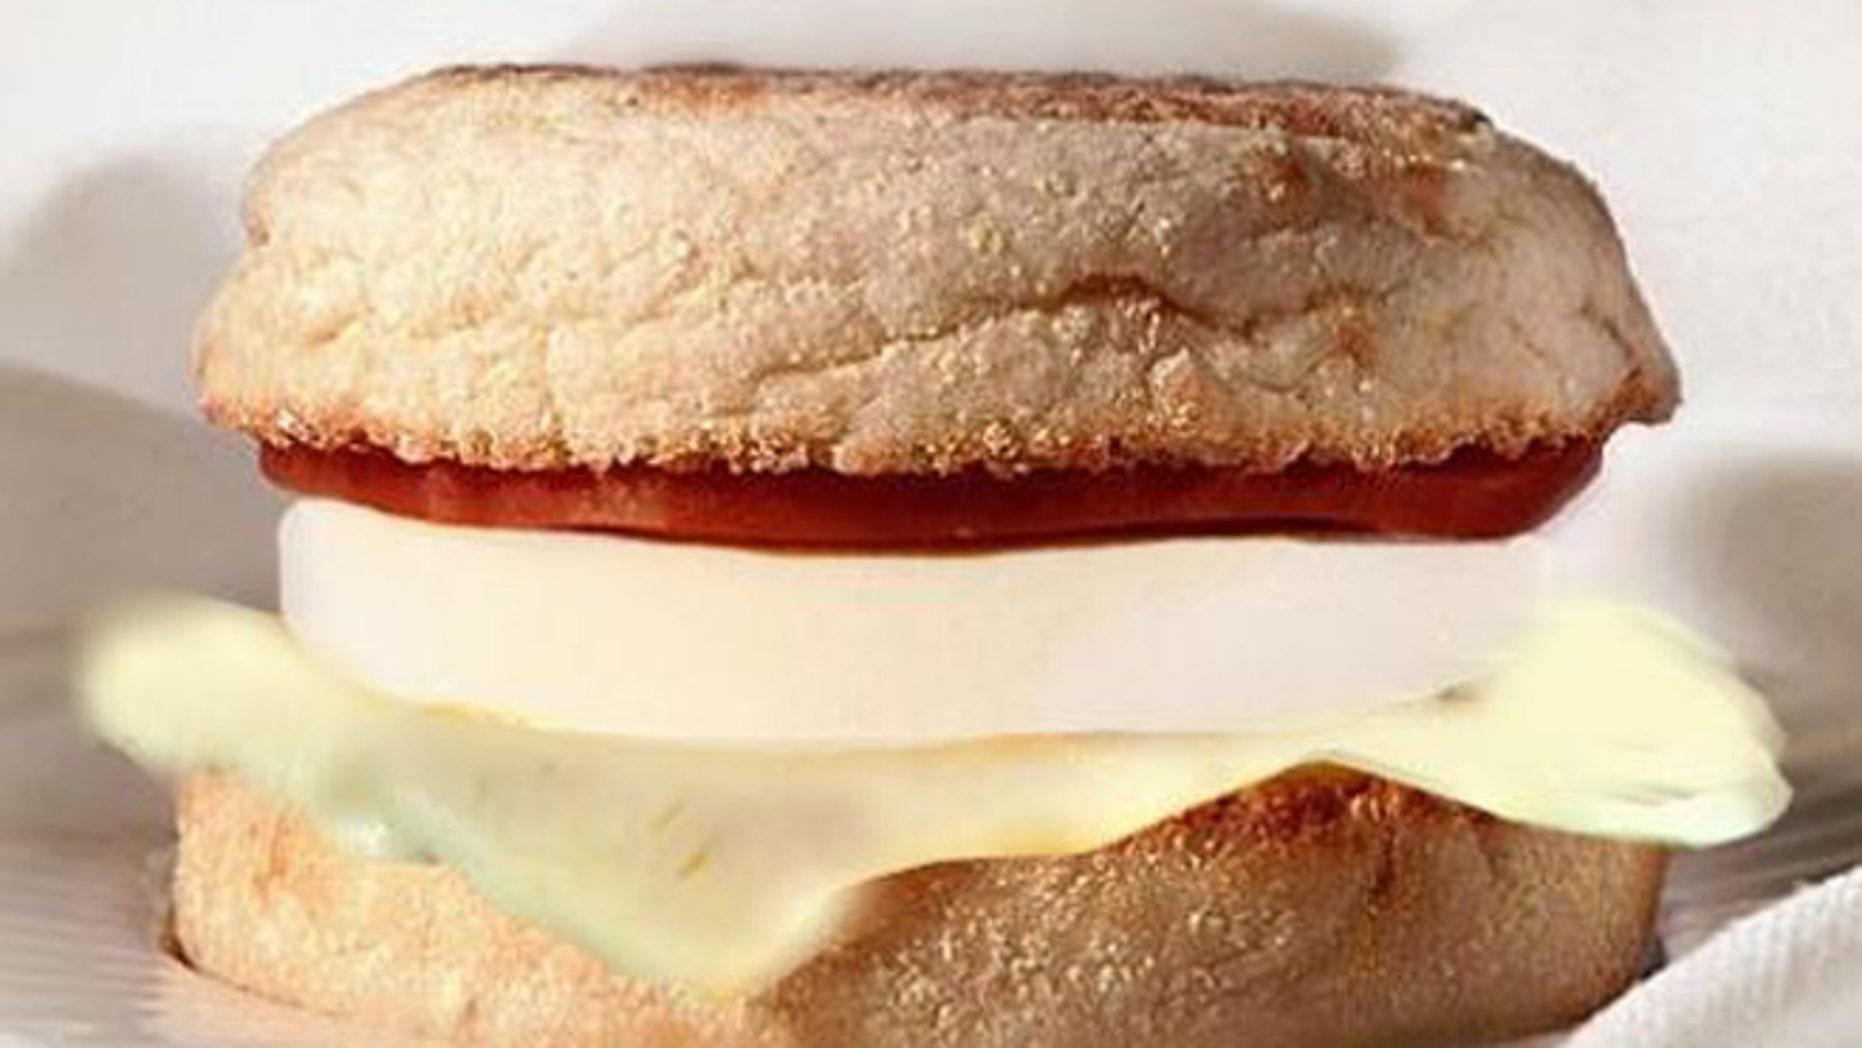 McDonald's popular Egg White Delight.